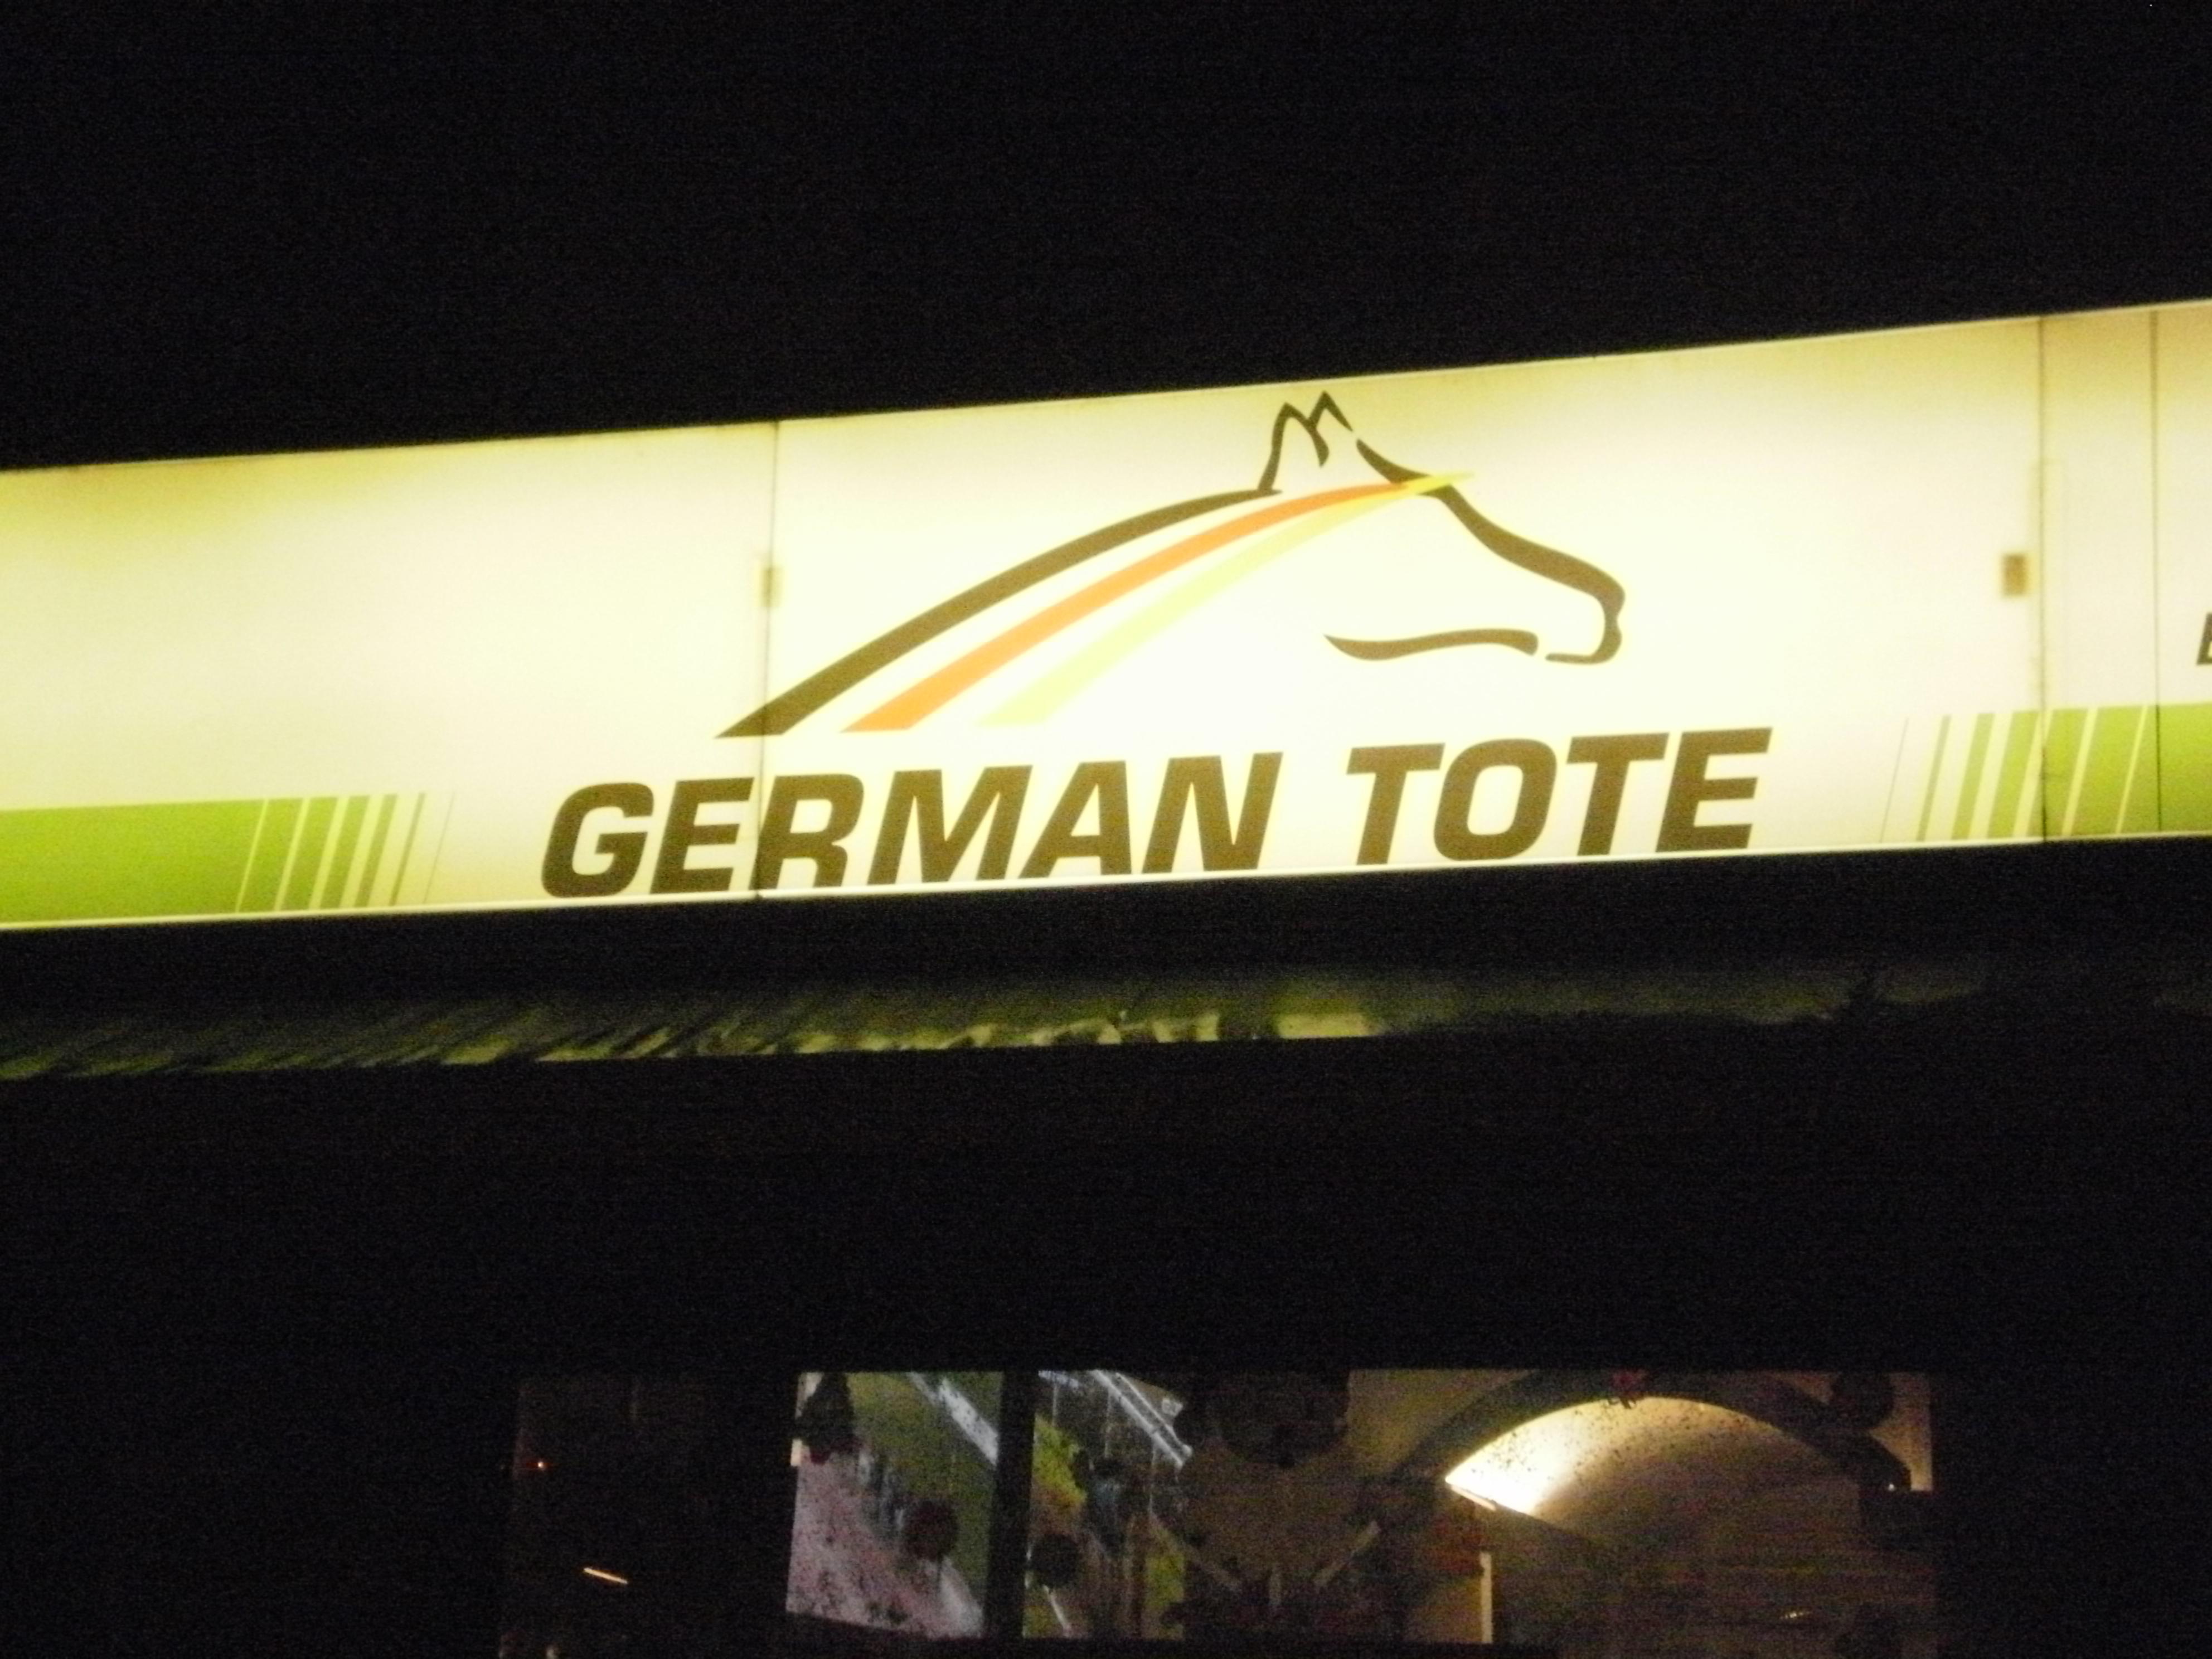 German Tote